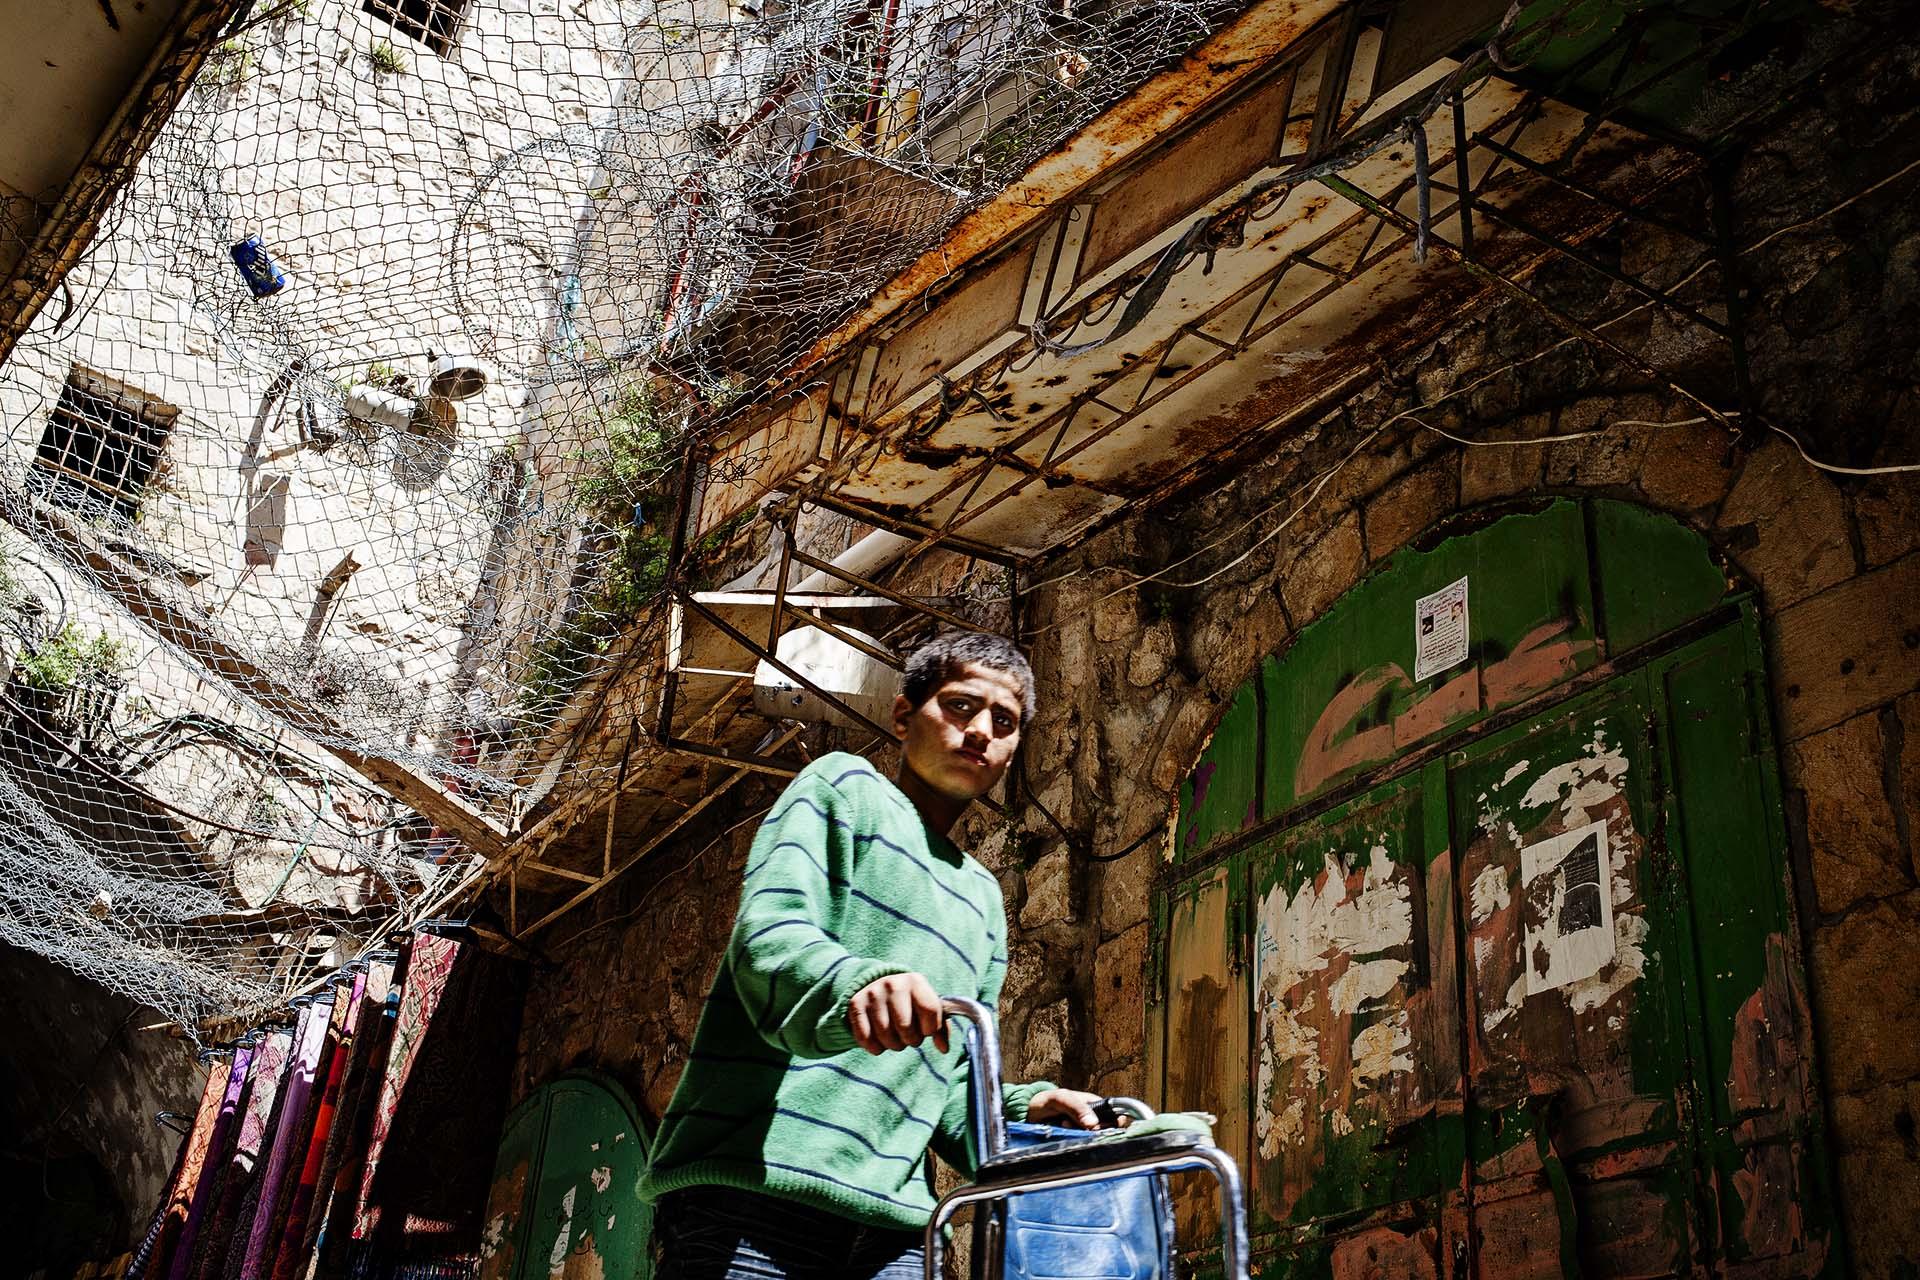 Algunas calles del centro de Hebrón están protegidas por alambre debido a que los colonos judíos lanzan piedras y otros objetos